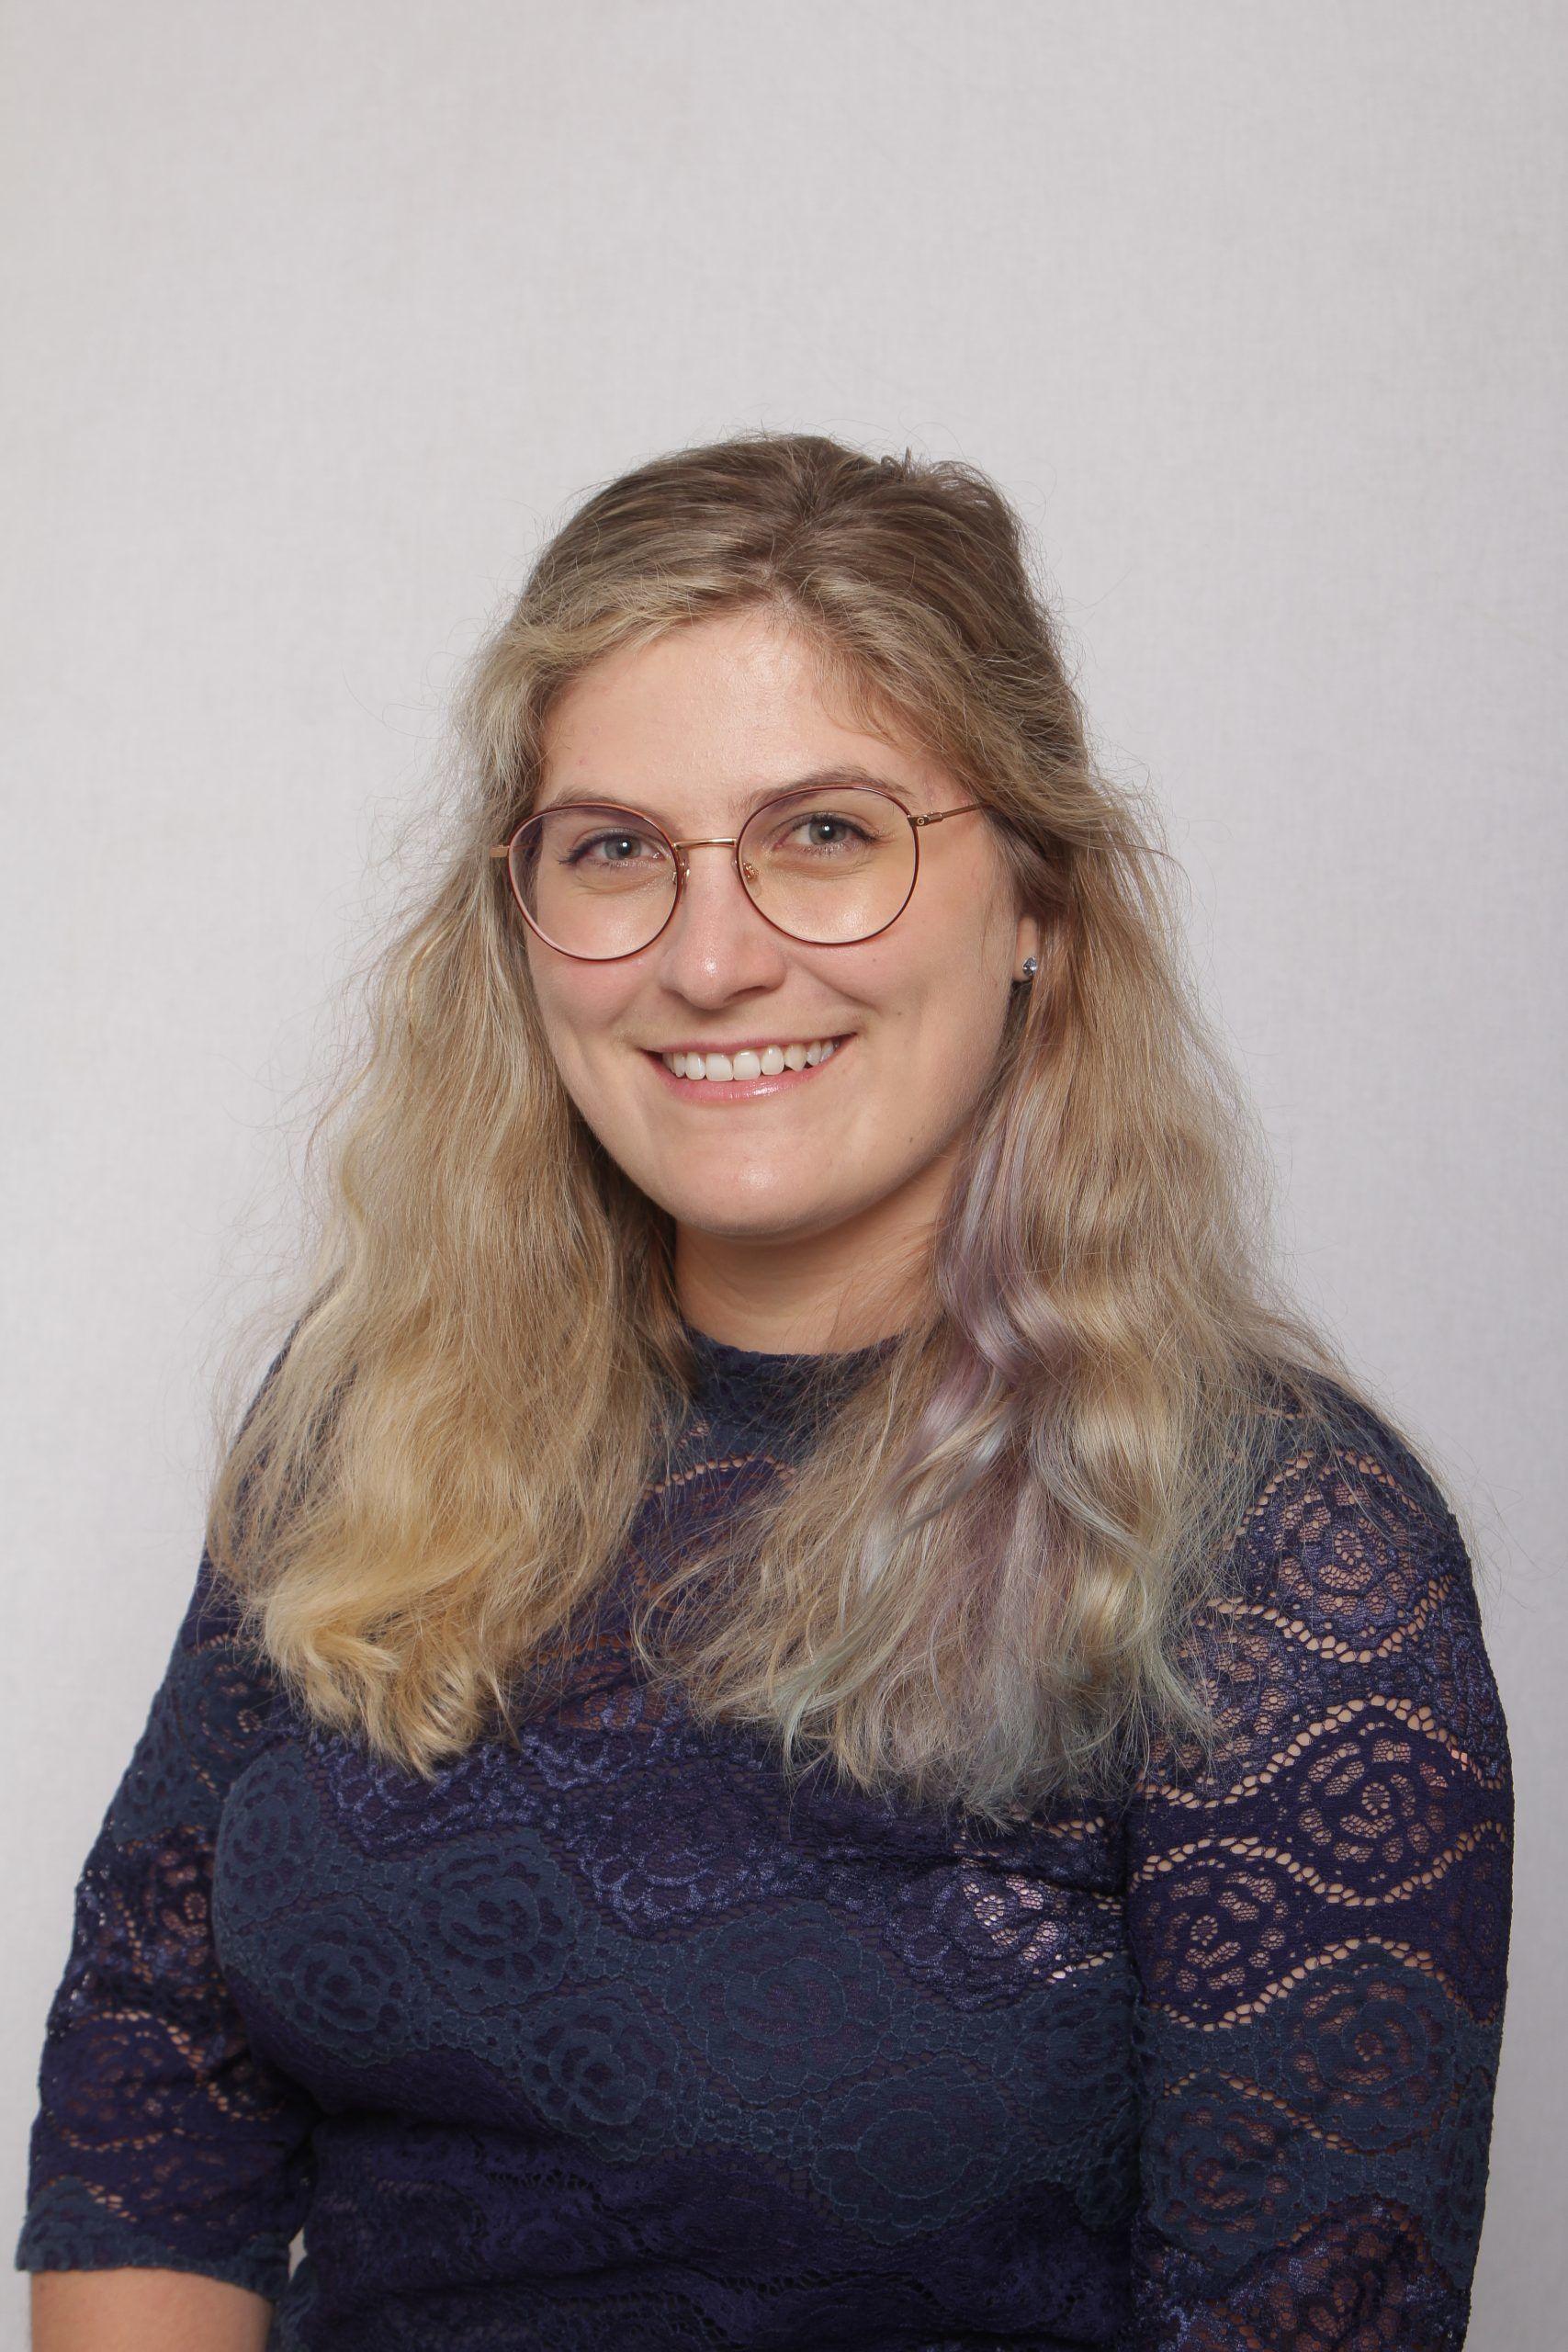 Verena Eckl